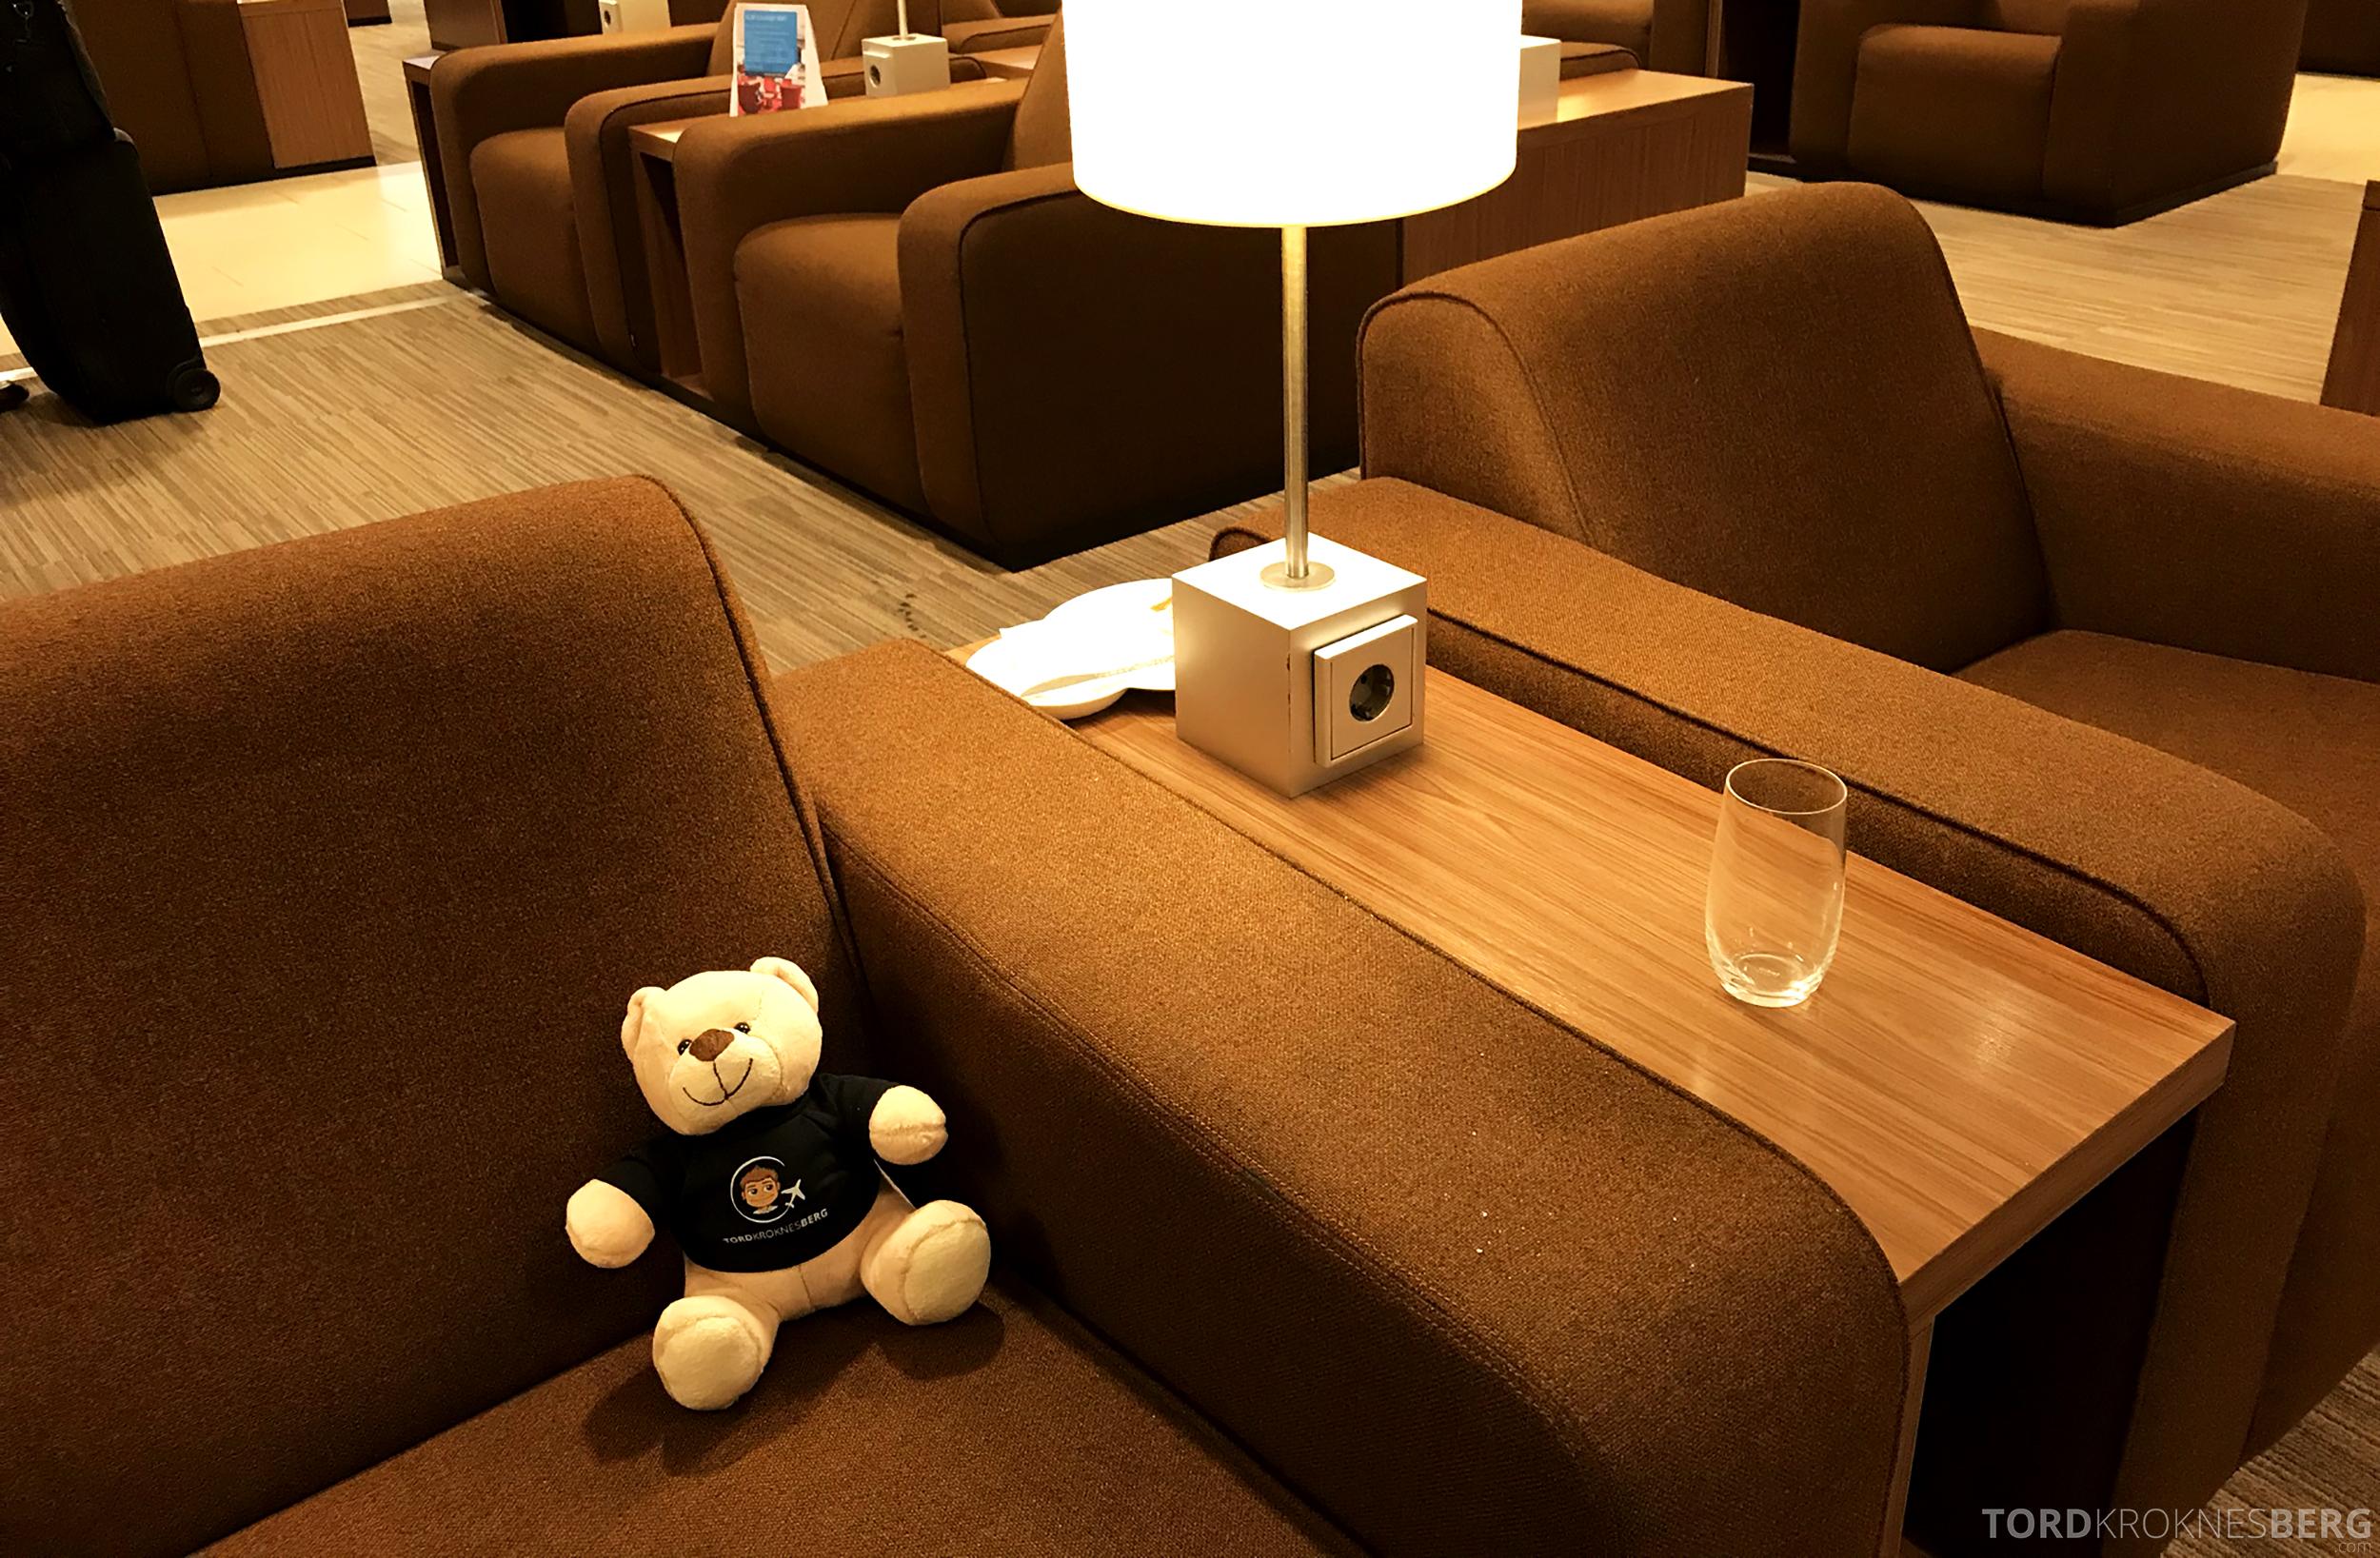 KLM Crown Lounge Schiphol Amsterdam reisefølget